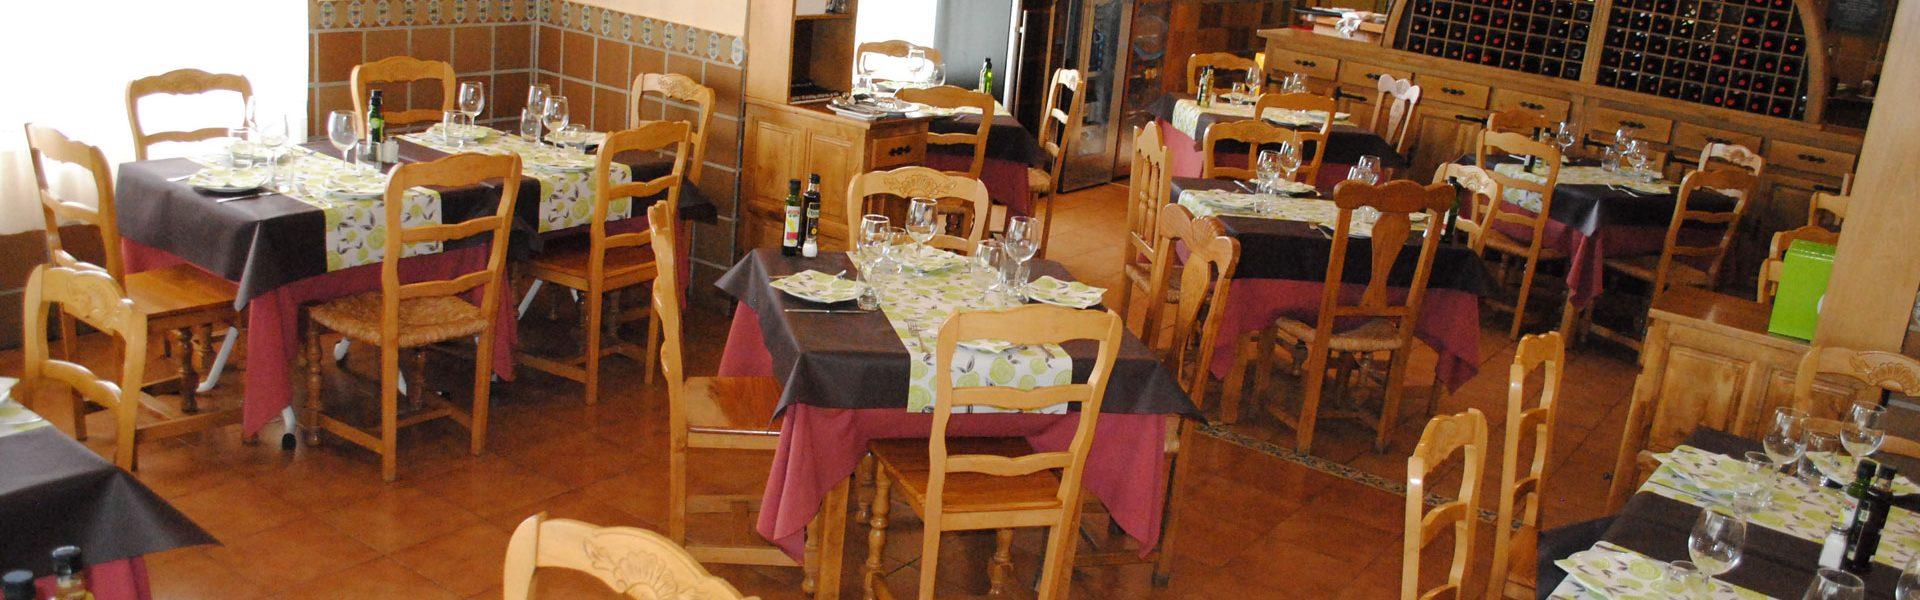 restaurante-bar-tienda-area-del-tamajon_08